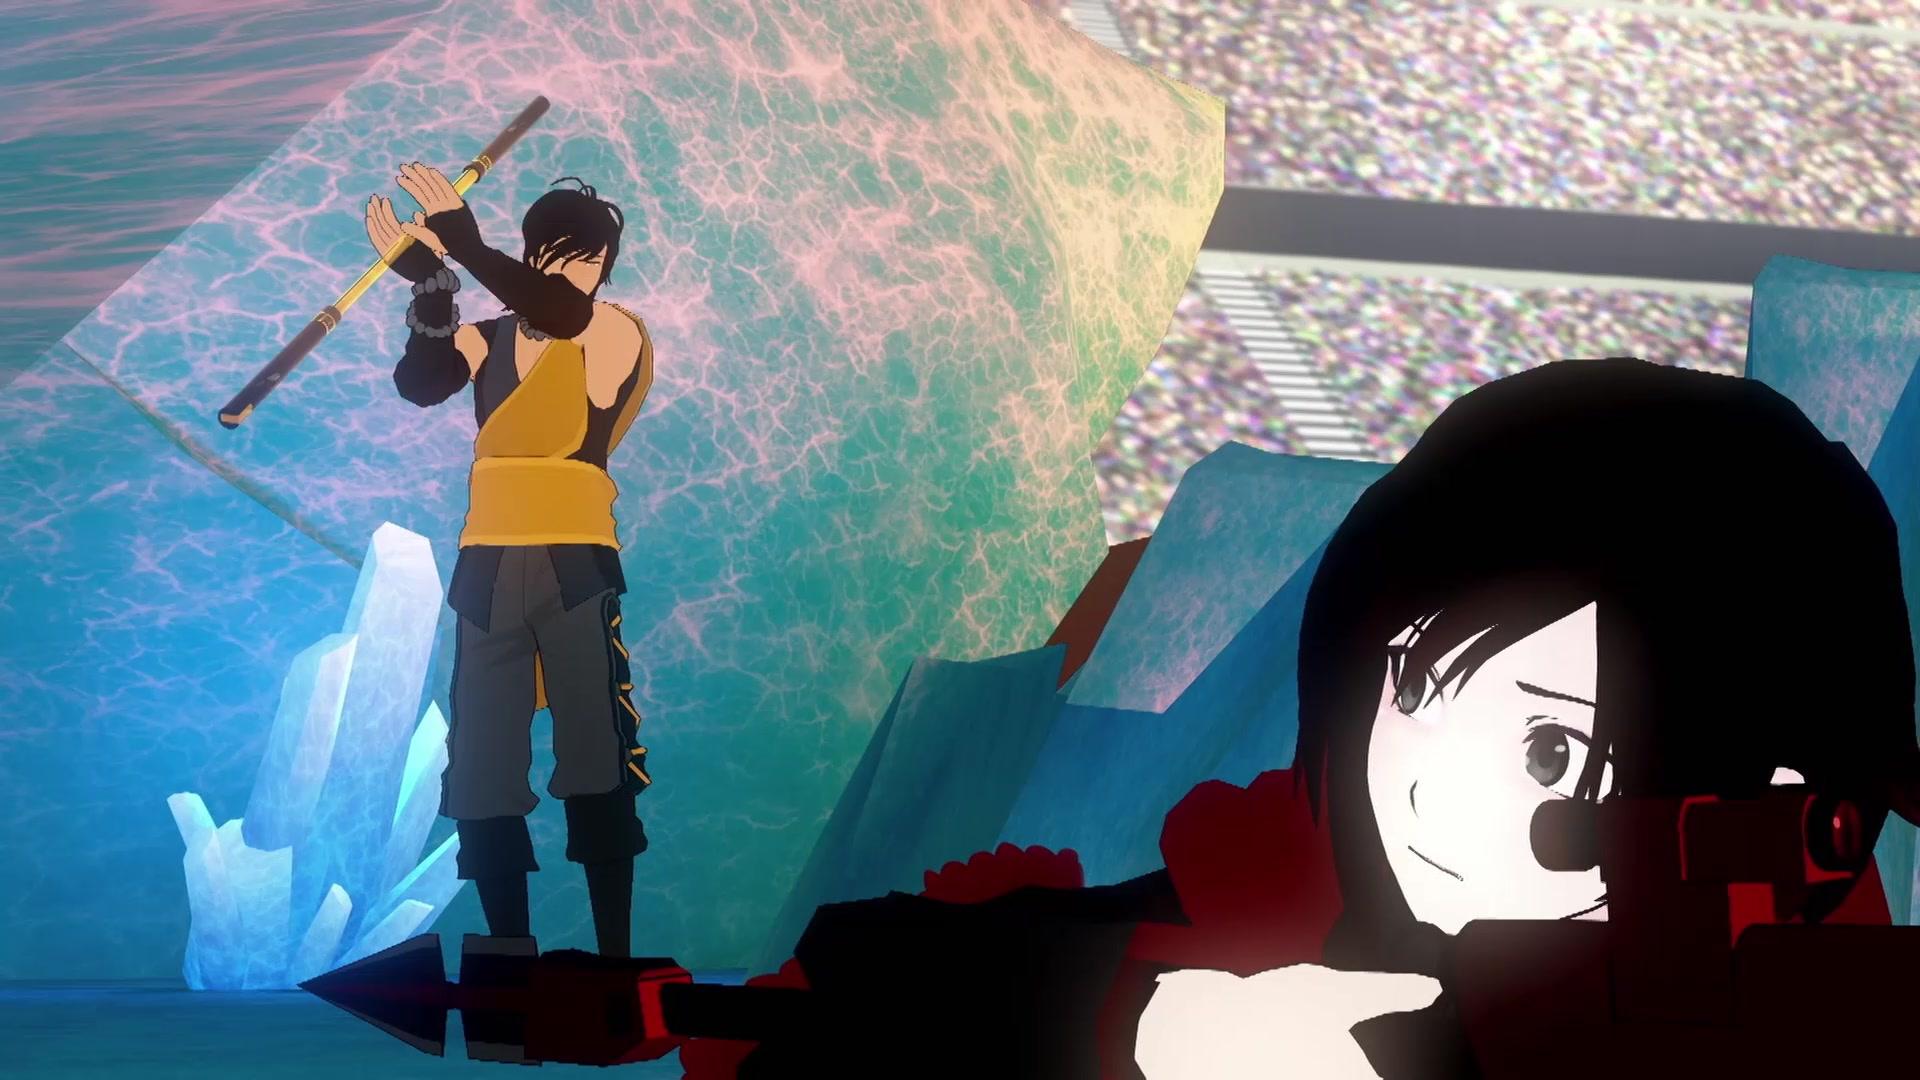 RWBY VOLUME 1-3: The Beginning (Japanese Dub) Episode 9, Untitled